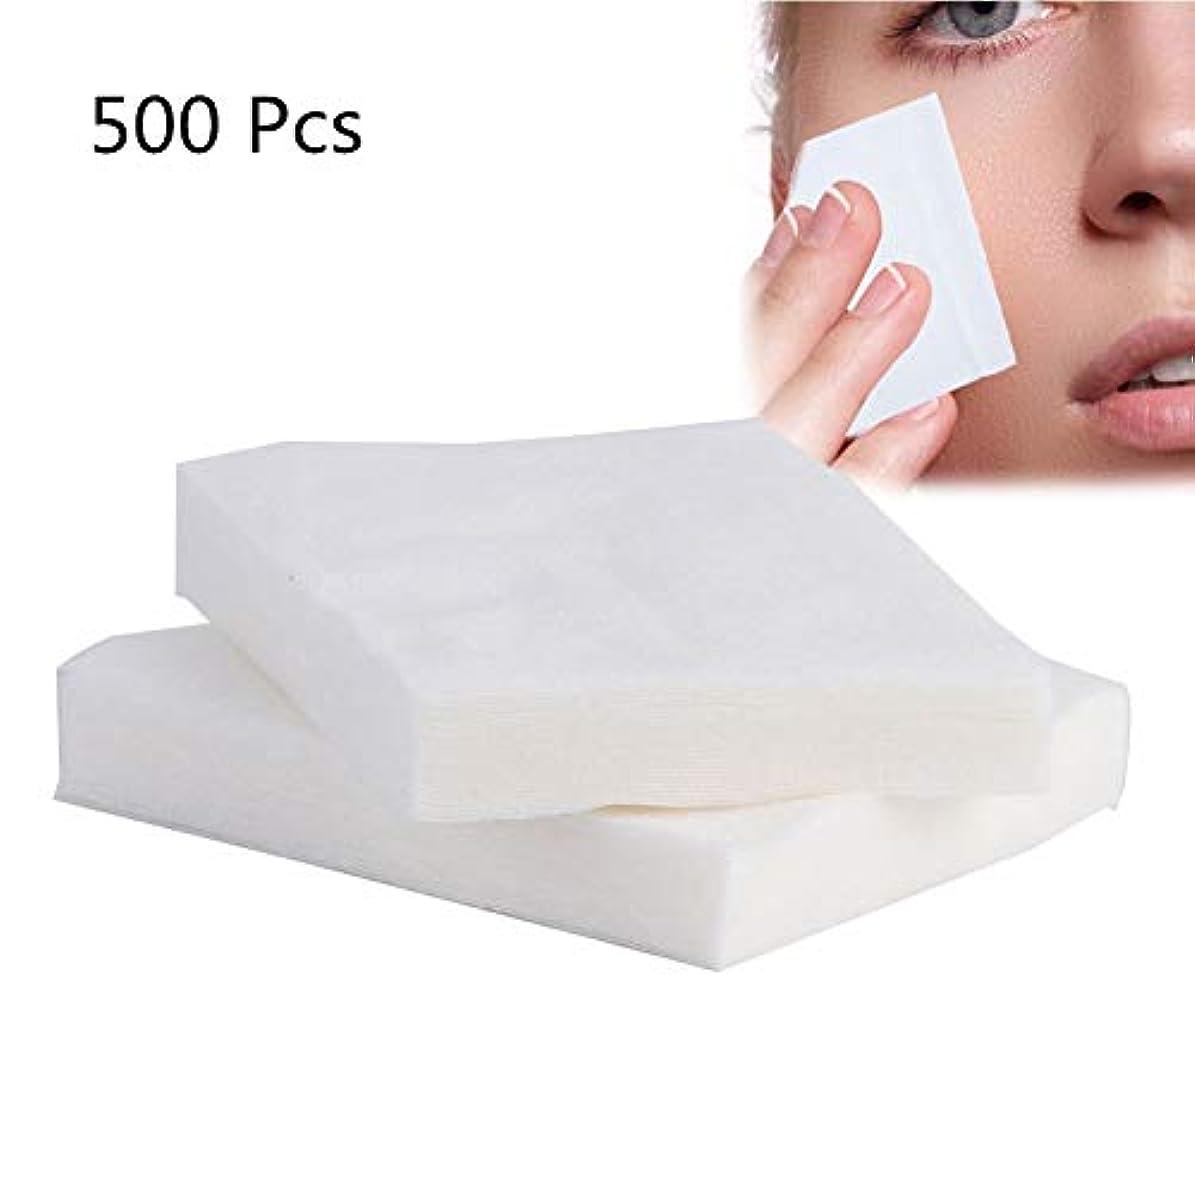 スズメバチ厚くするレジ500ピース綿棒、化粧用メイク落とし、洗顔、ウェット/ドライ/フェイス/メイク落とし用